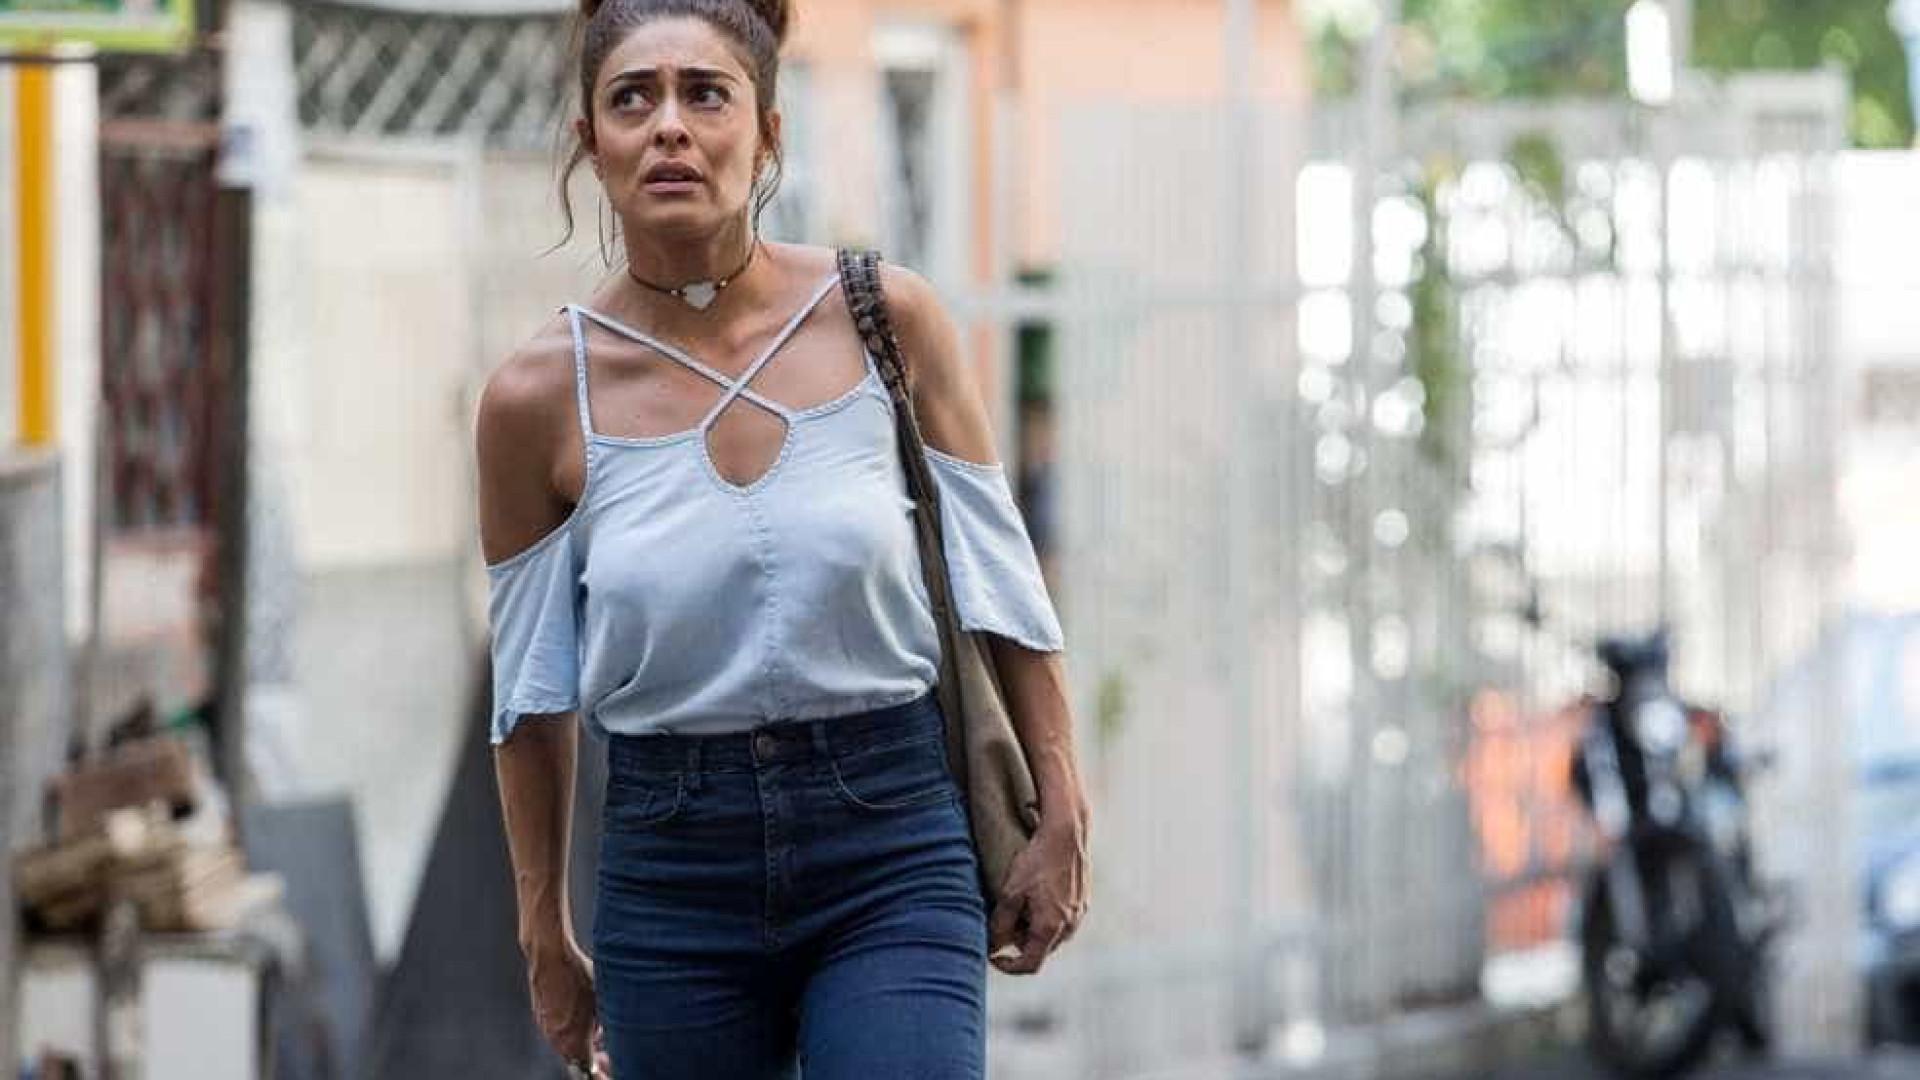 Ju Paes diz ter perdido 3 kg por causa da novela: 'Fico angustiada'